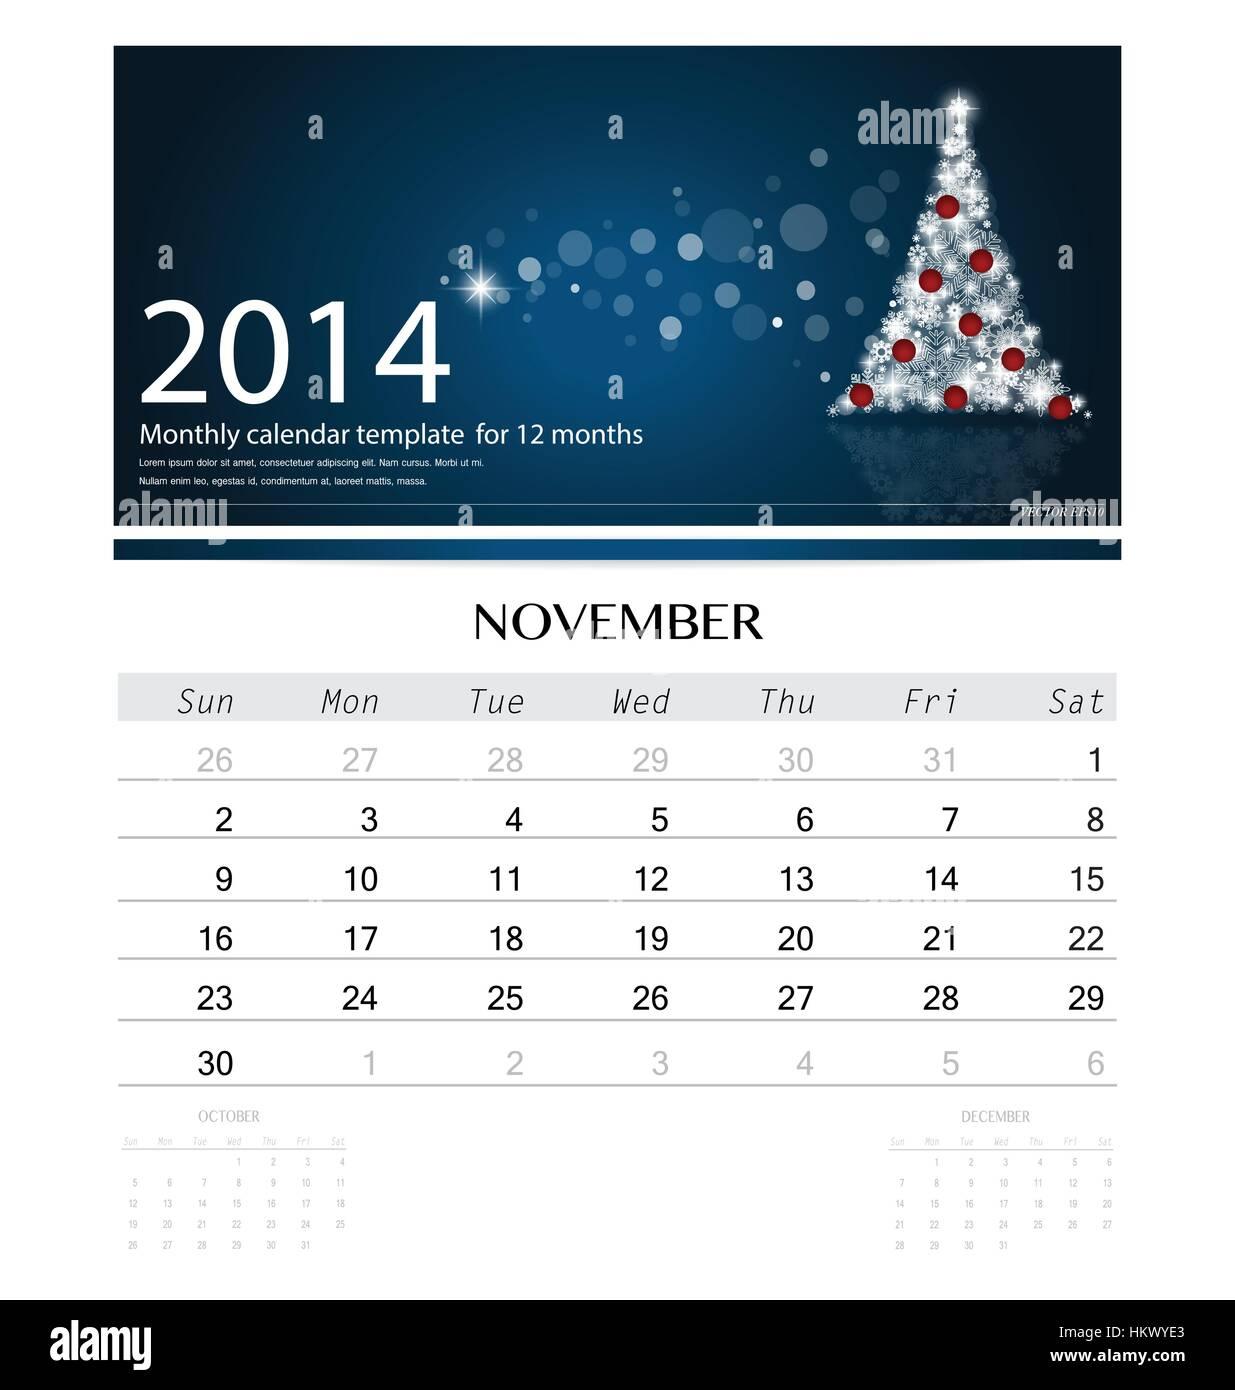 November 2014 Calendar Tag Design Stock Photos November 2014